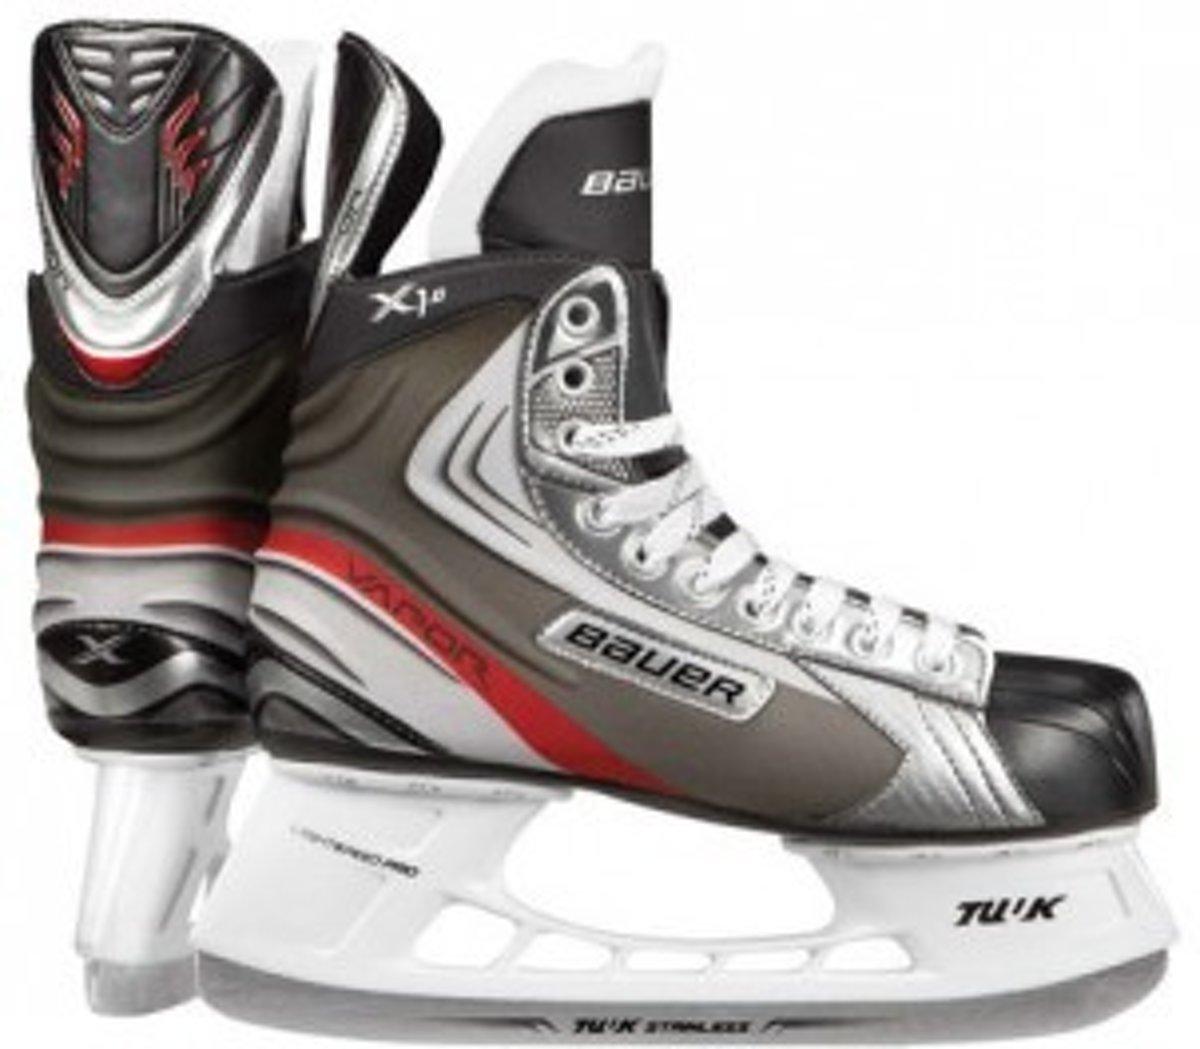 IJshockeyschaats Bauer VAPOR X1,0 Maat 44,5